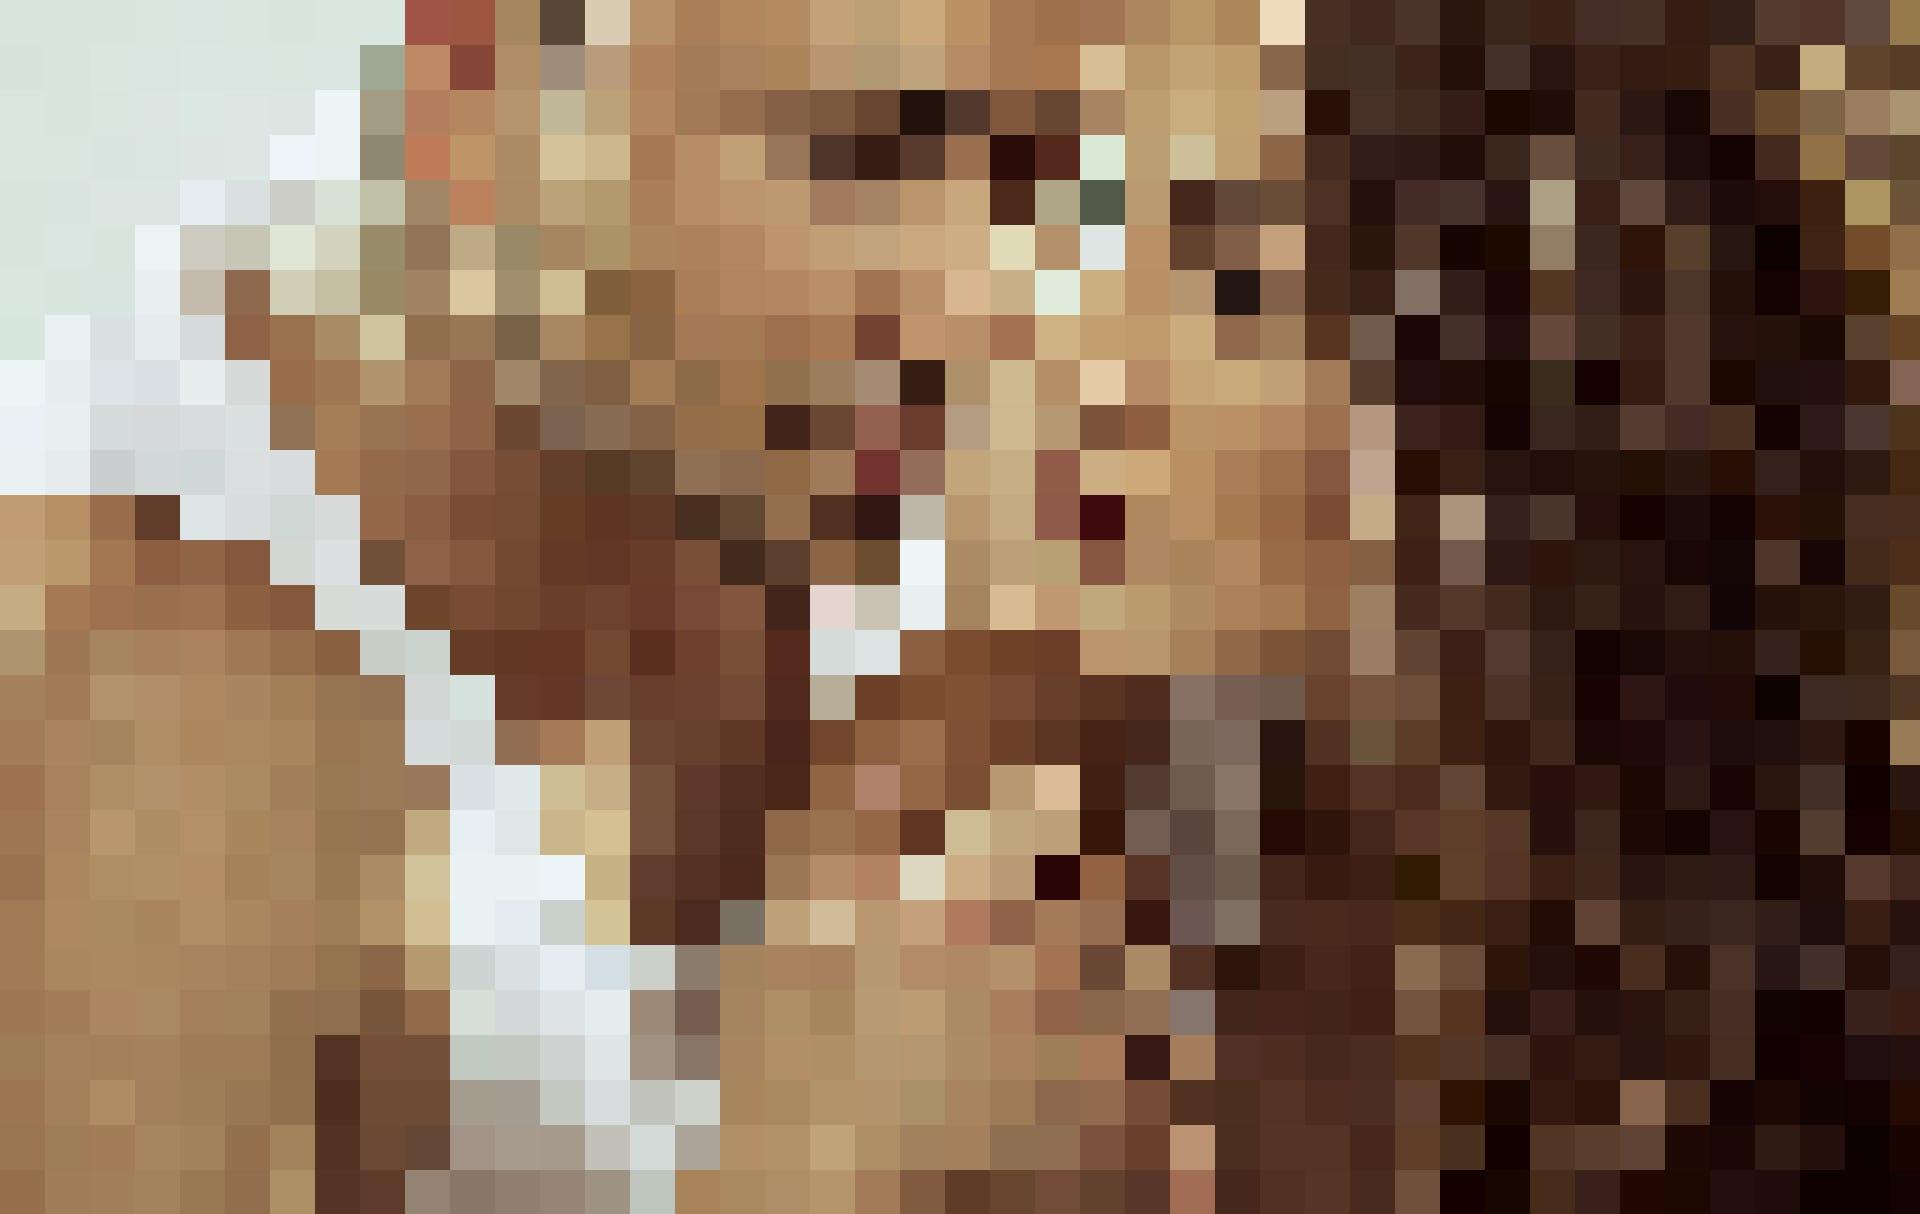 Singles erstellen ein Profil und lassen sich dann vom Matching-Generator aufgrund ihres geografischen Standorts und ihrer sexuellen Vorlieben passende Singles vorschlagen.